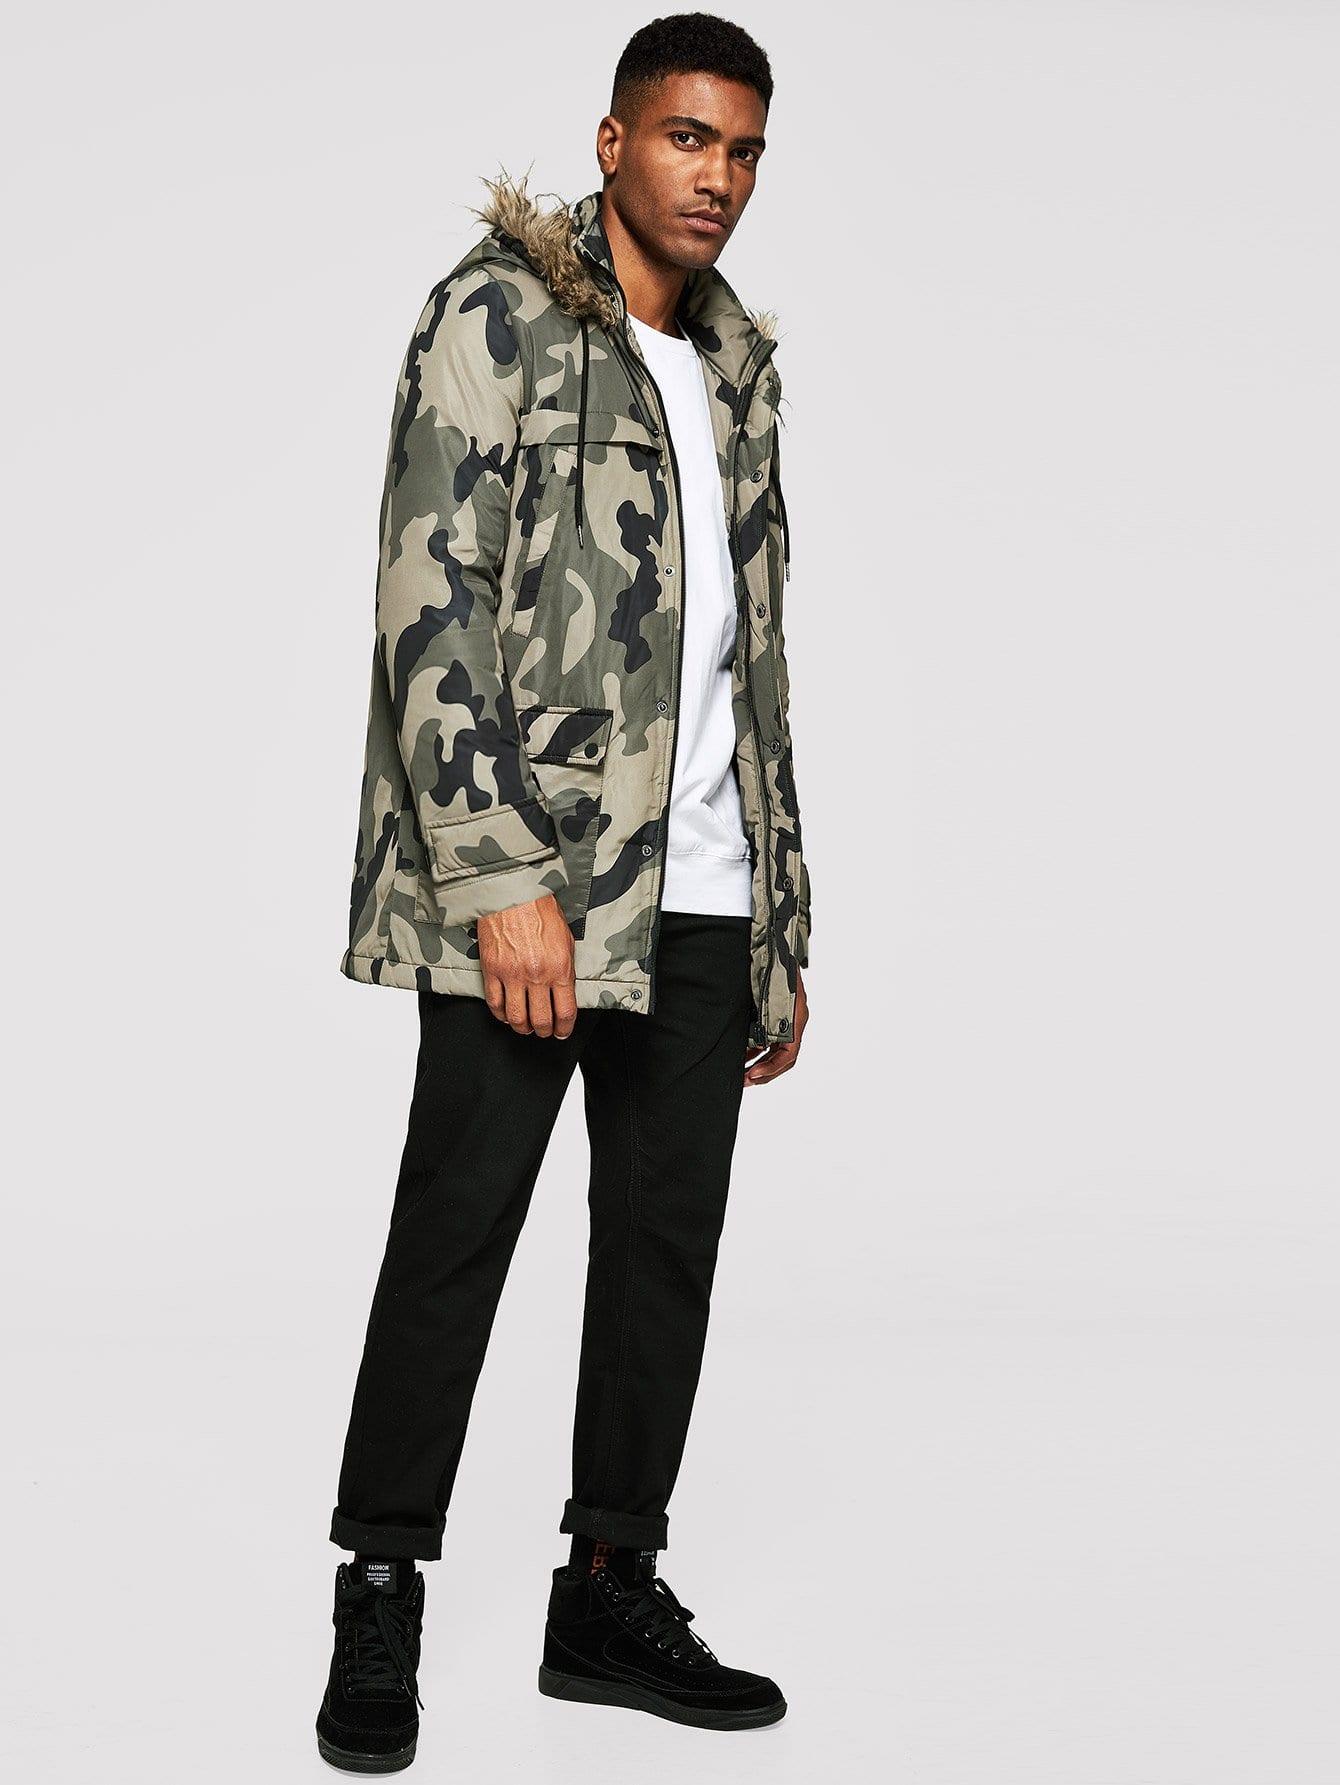 Купить Пальто из искусственных мехов и с застёжкой молния и со симметрическими камуфляжами для мужчины, Johnn Silva, SheIn